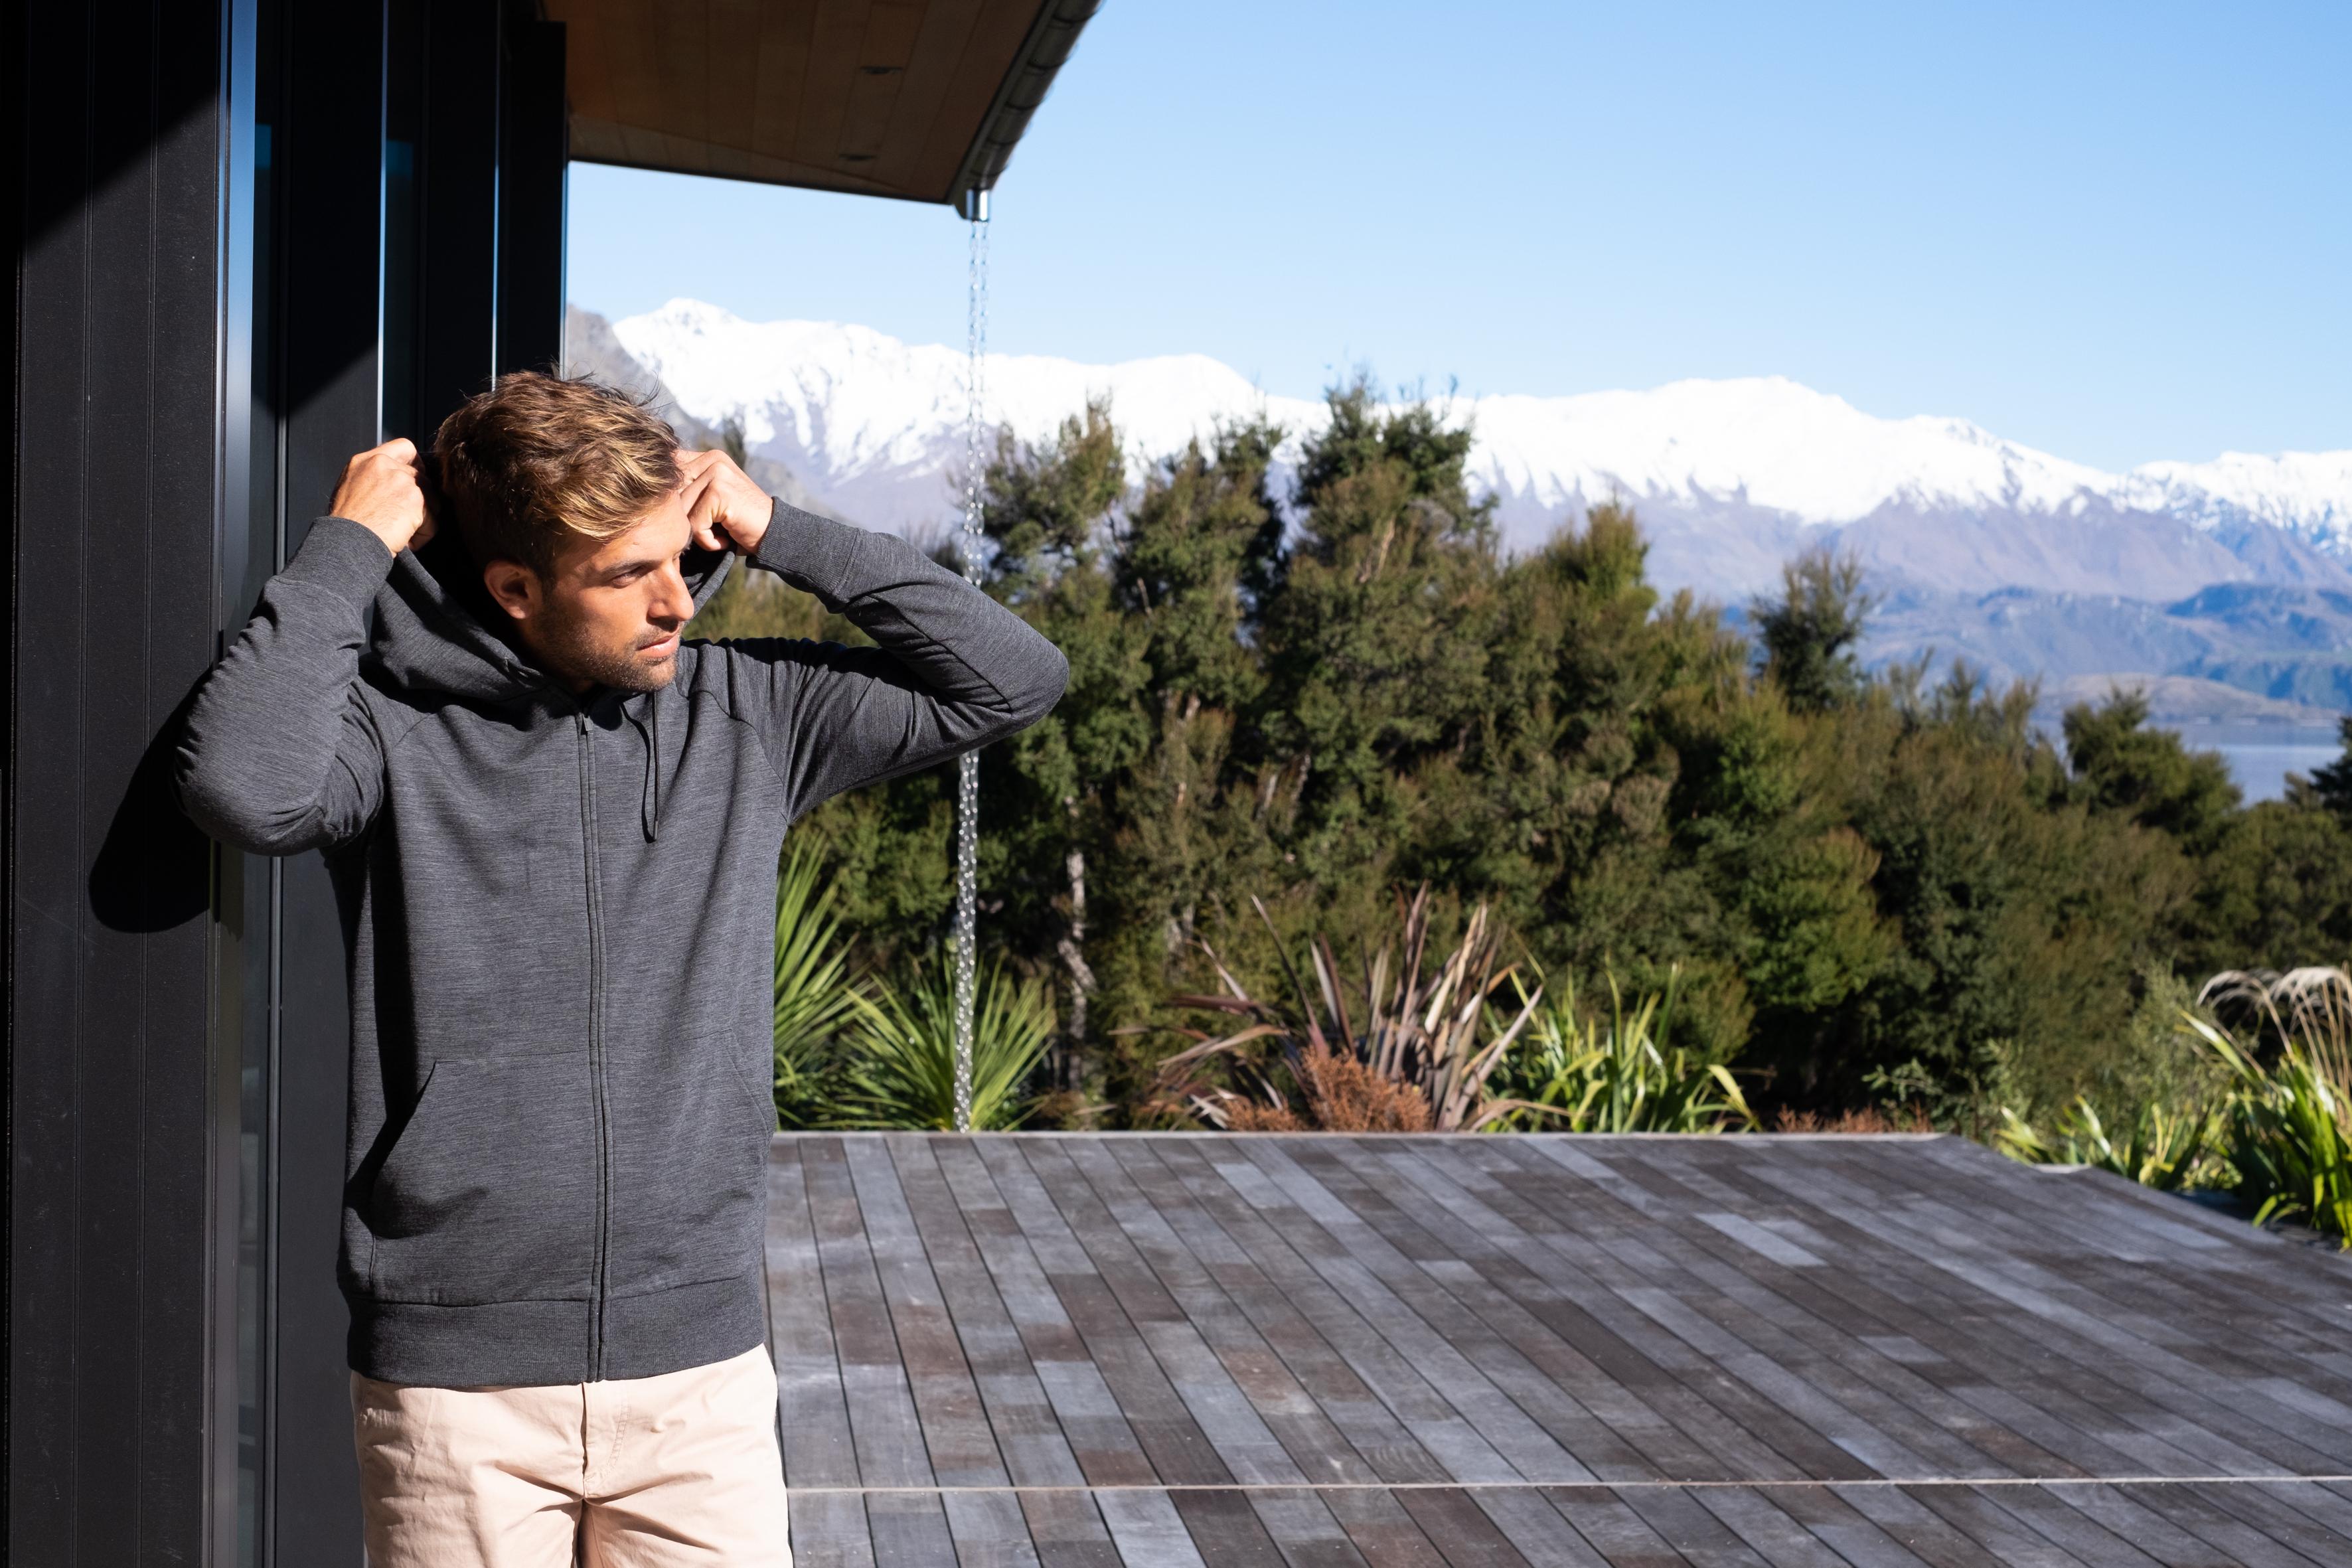 Icebreaker Outdoor Life – Zeitloses Design, Qualität und Komfort